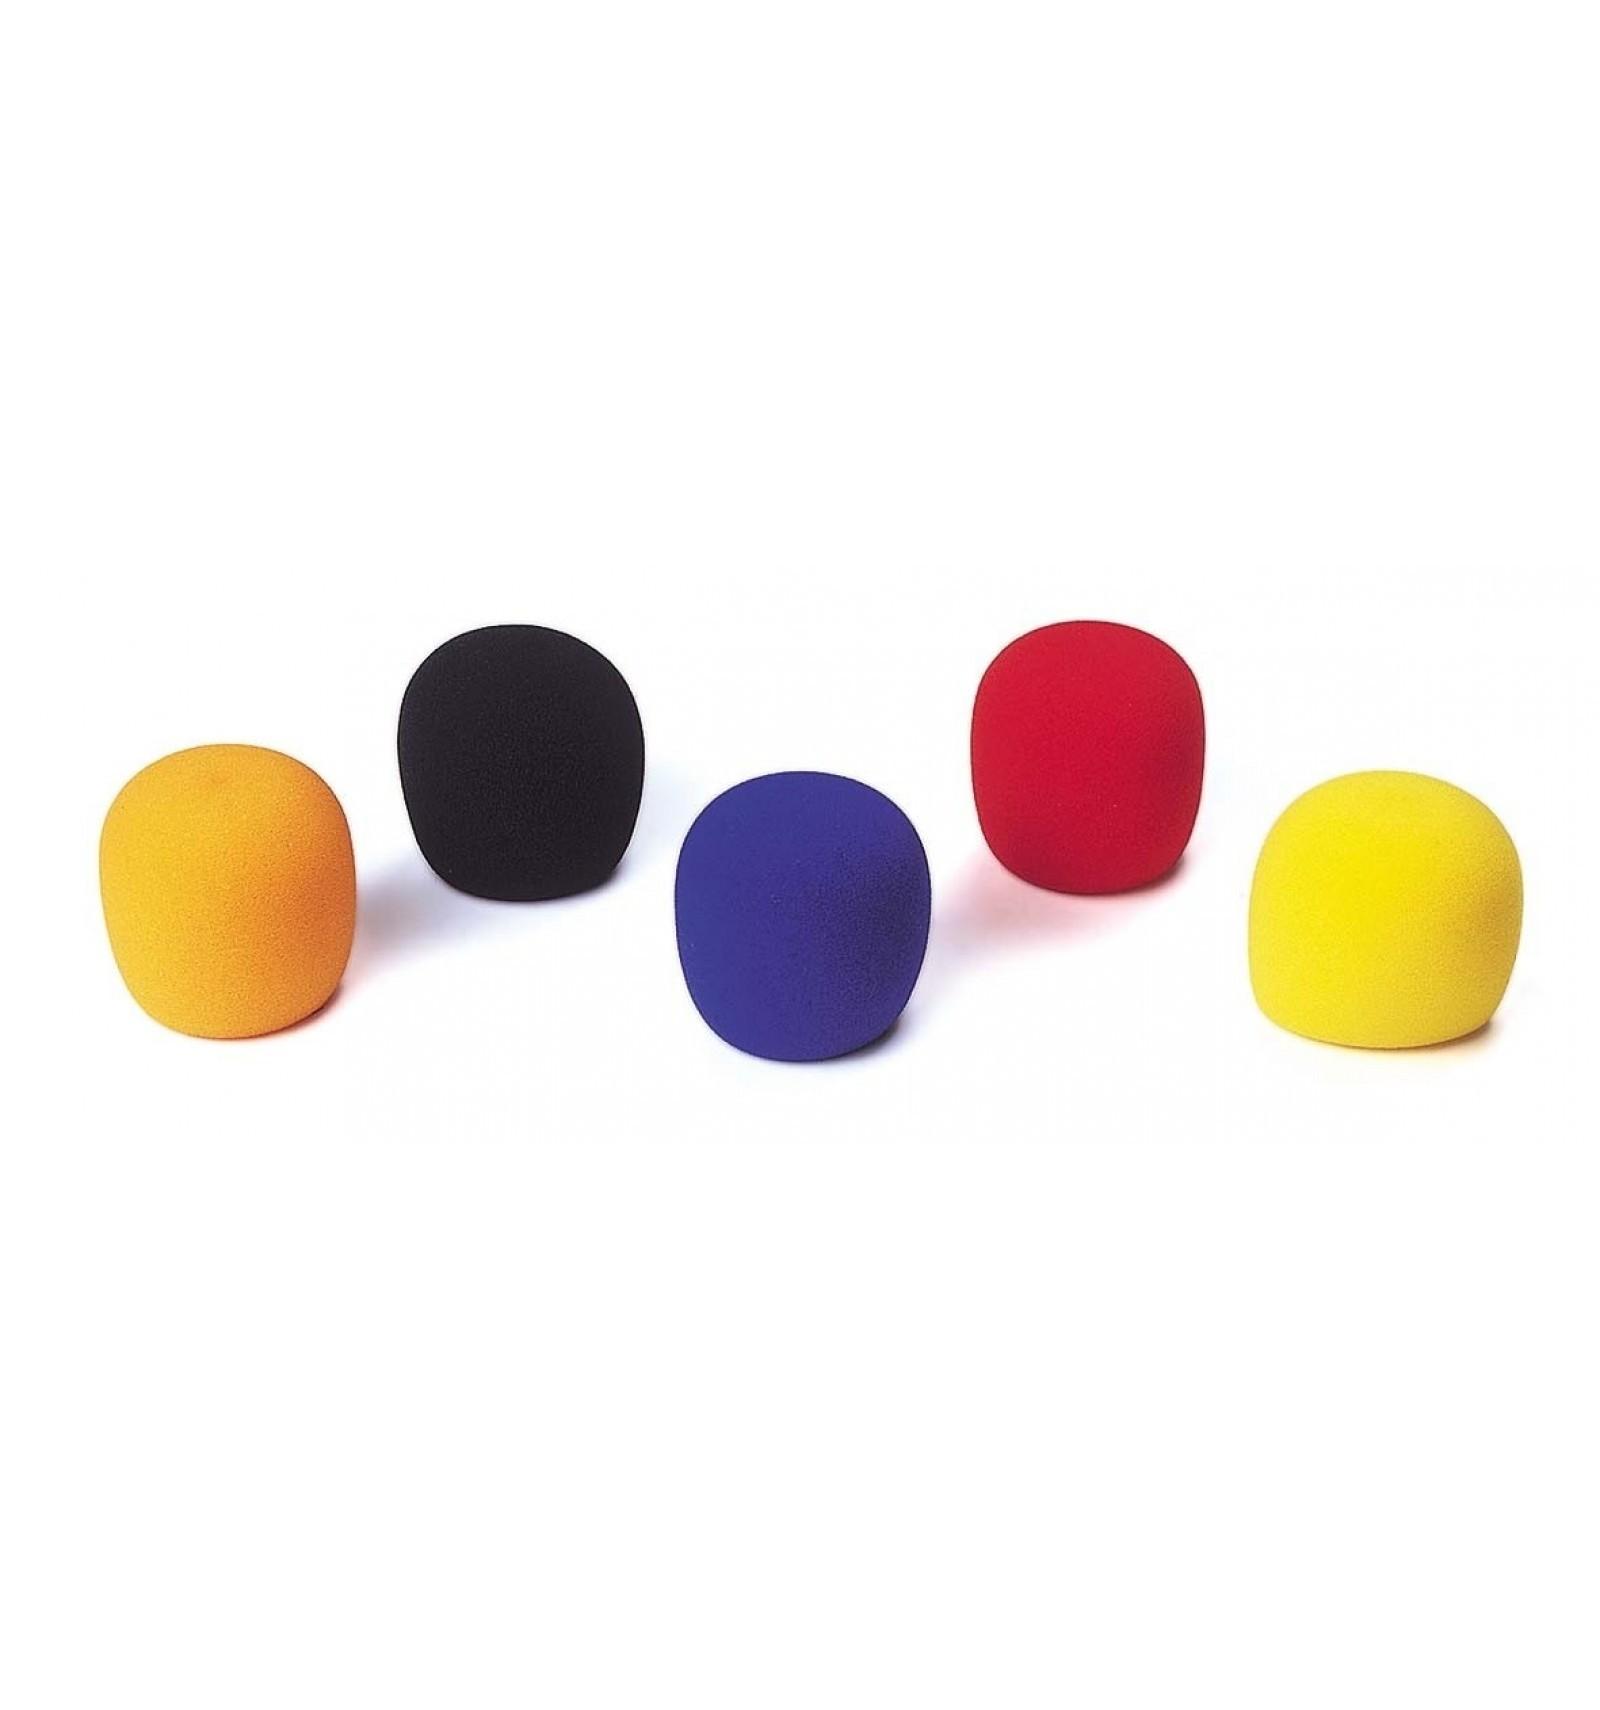 bonnette micro de couleur au choix pour 1,67 € planetsono